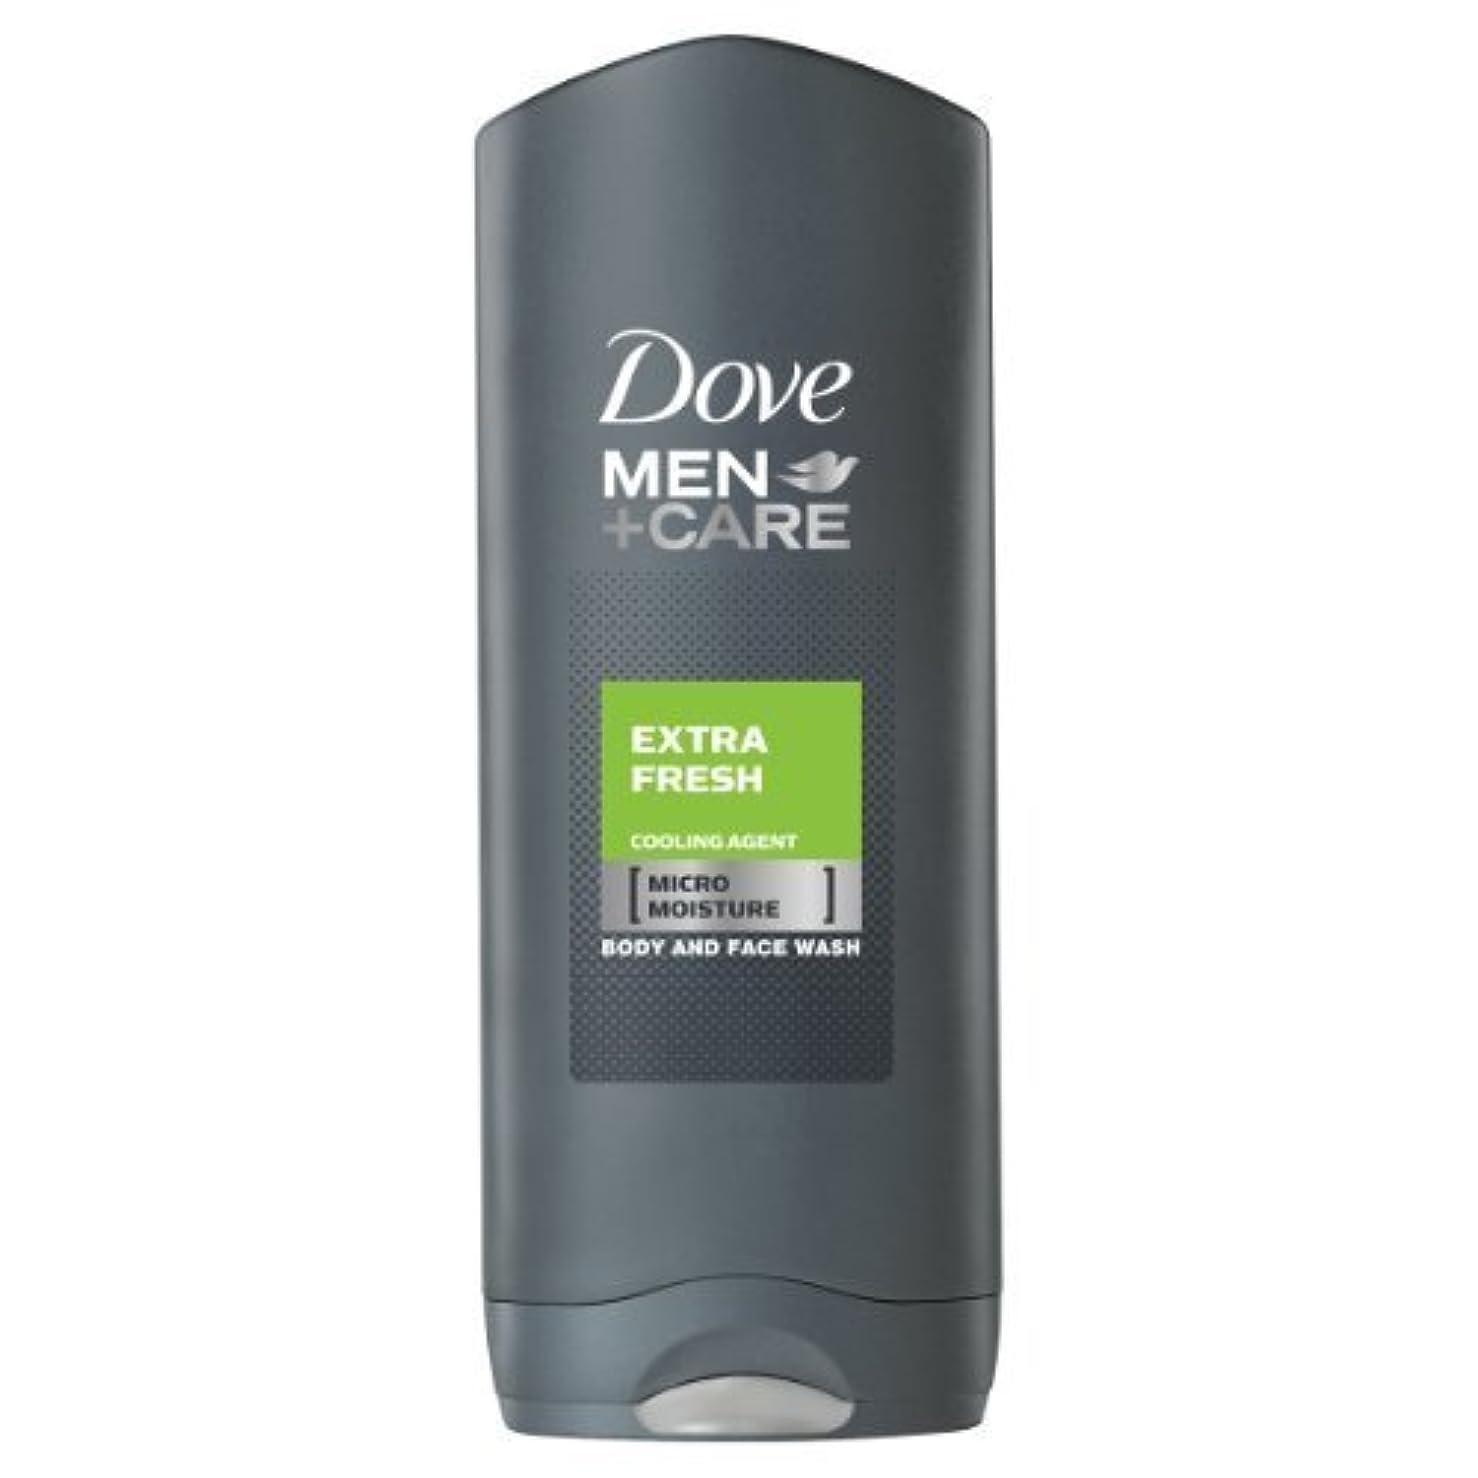 スズメバチヒップ警告するDove for Men Extra Fresh Body and Face Wash 250 ml by Dove [並行輸入品]